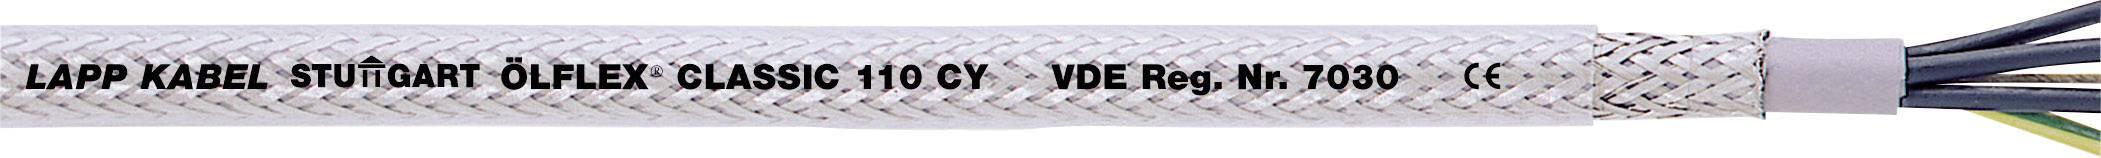 Riadiaci kábel LappKabel ÖLFLEX® CLASSIC 110 CY 1135802, 2 x 0.75 mm², vonkajší Ø 7.40 mm, 500 V, metrový tovar, priehľadná